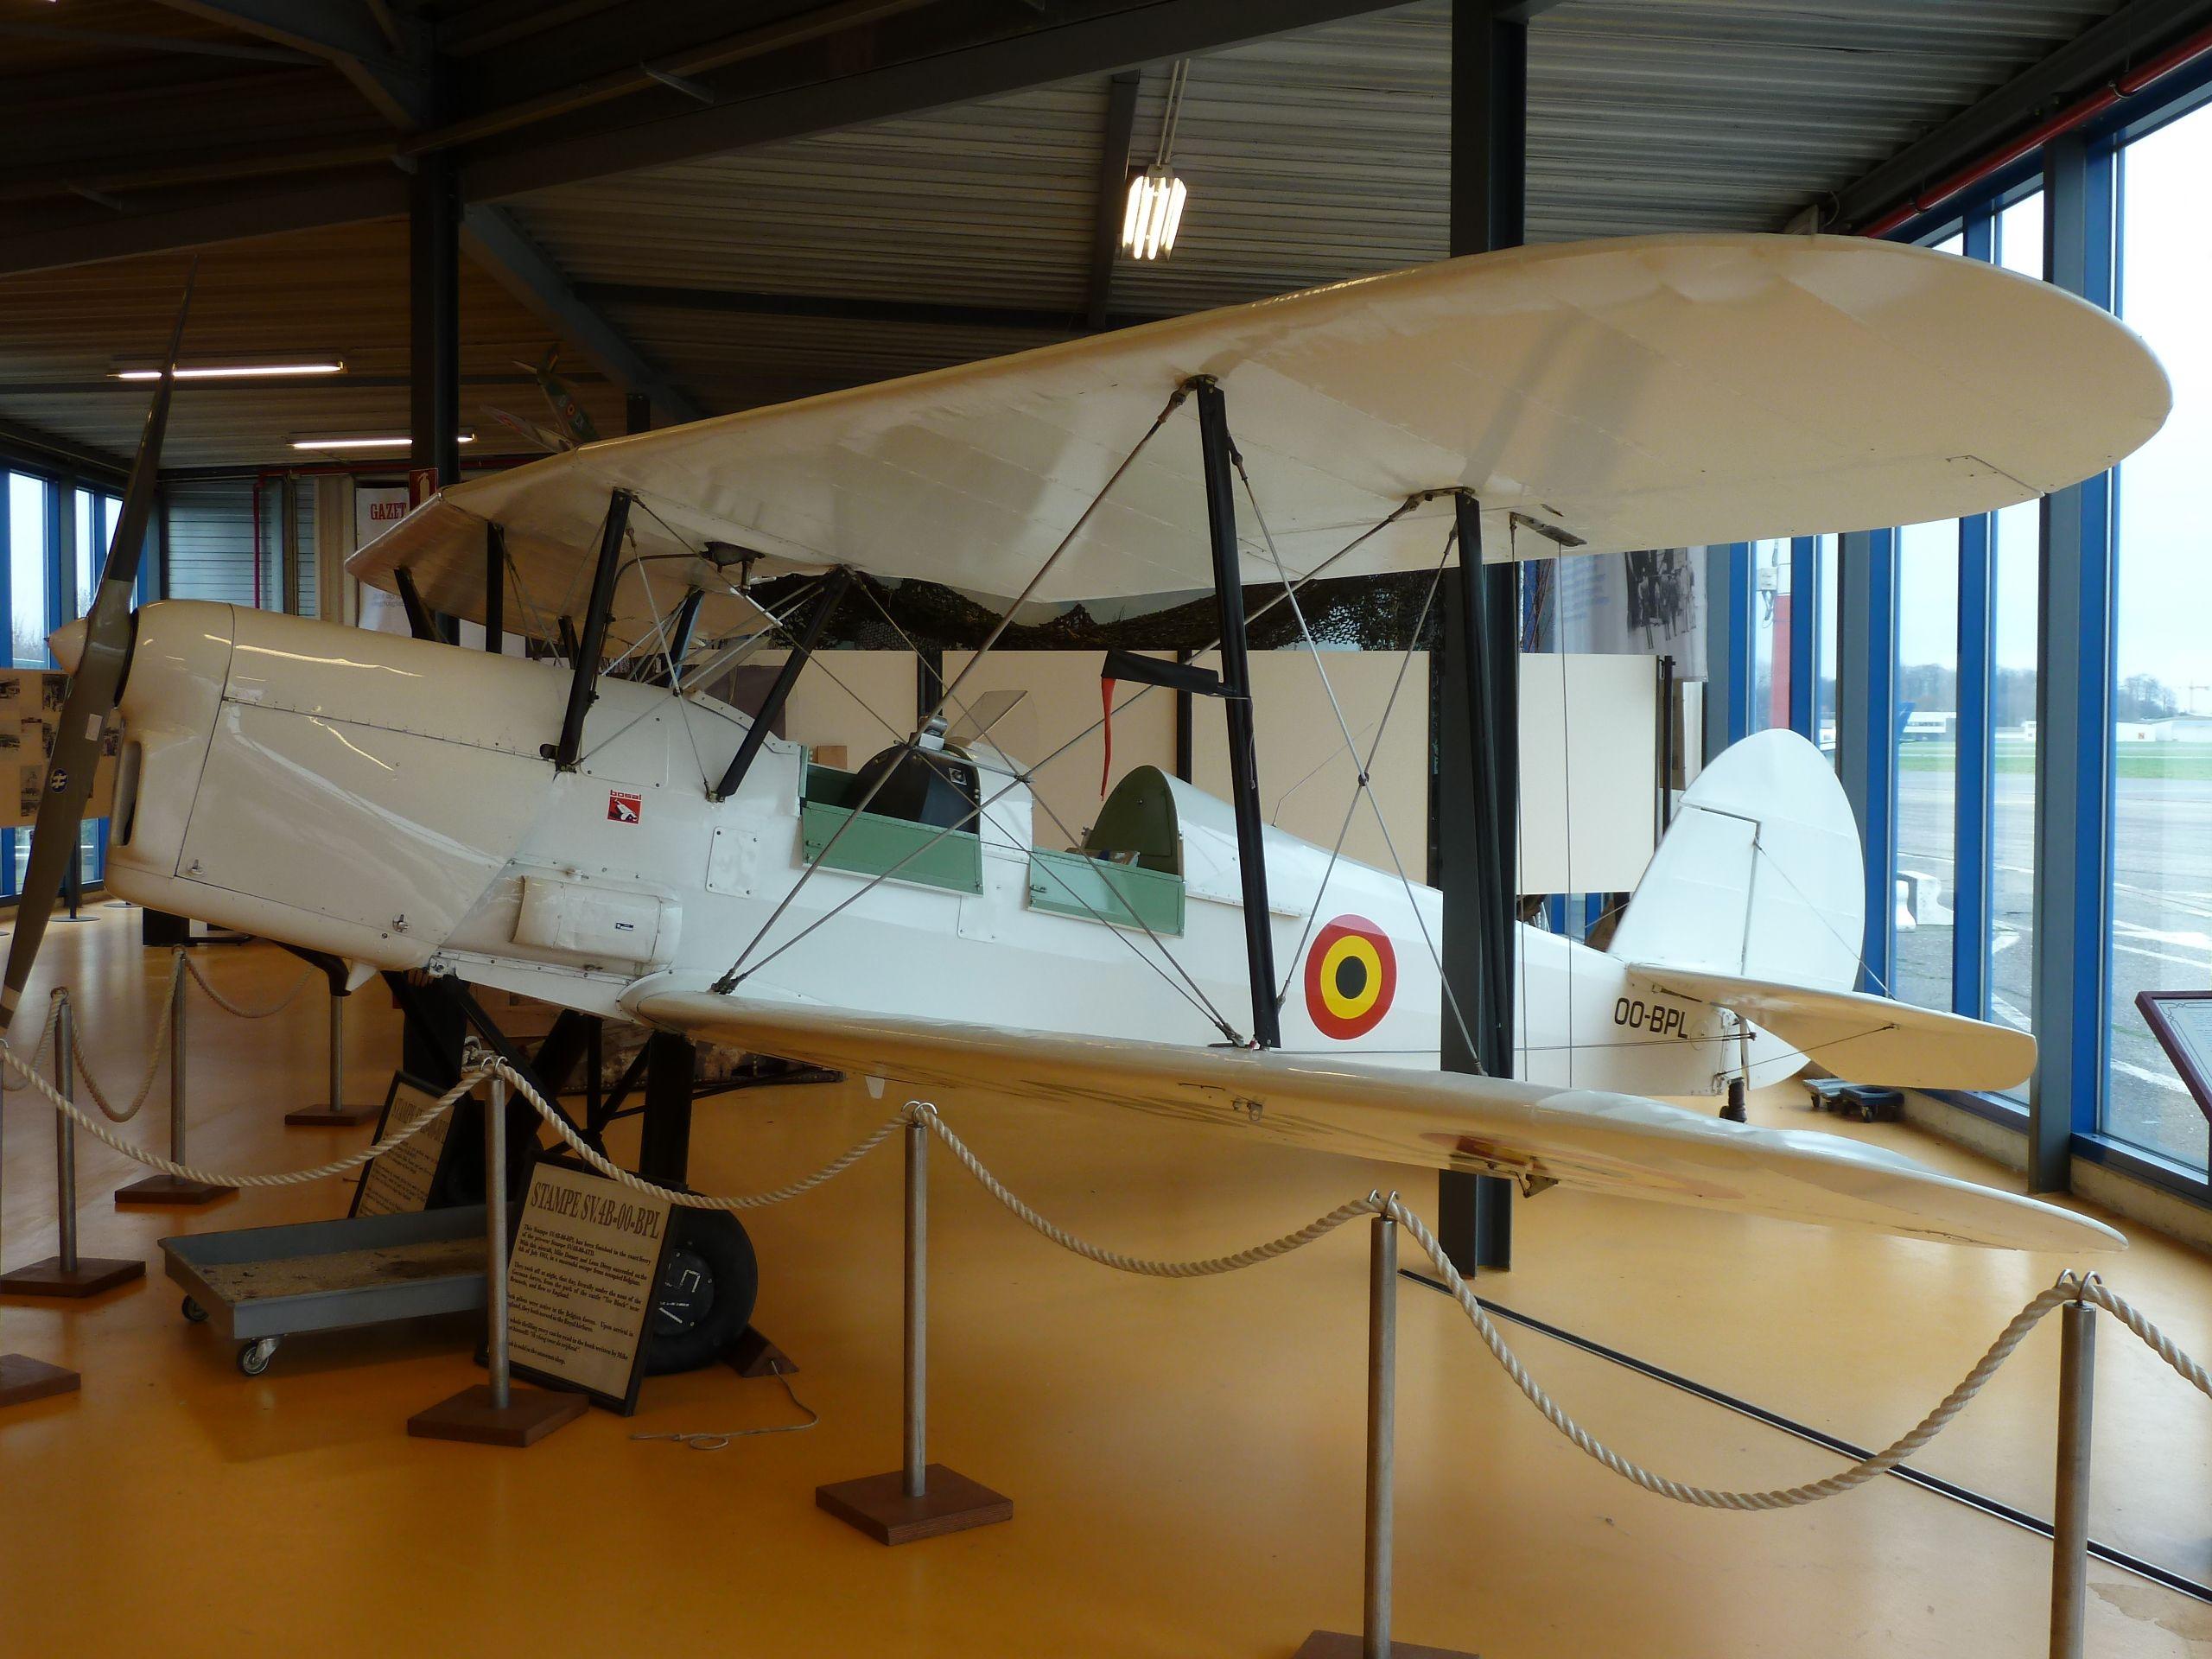 SV4 , Stampe Vertongen museum Antwerp Belgium. All planes still can fly. Januari 2014